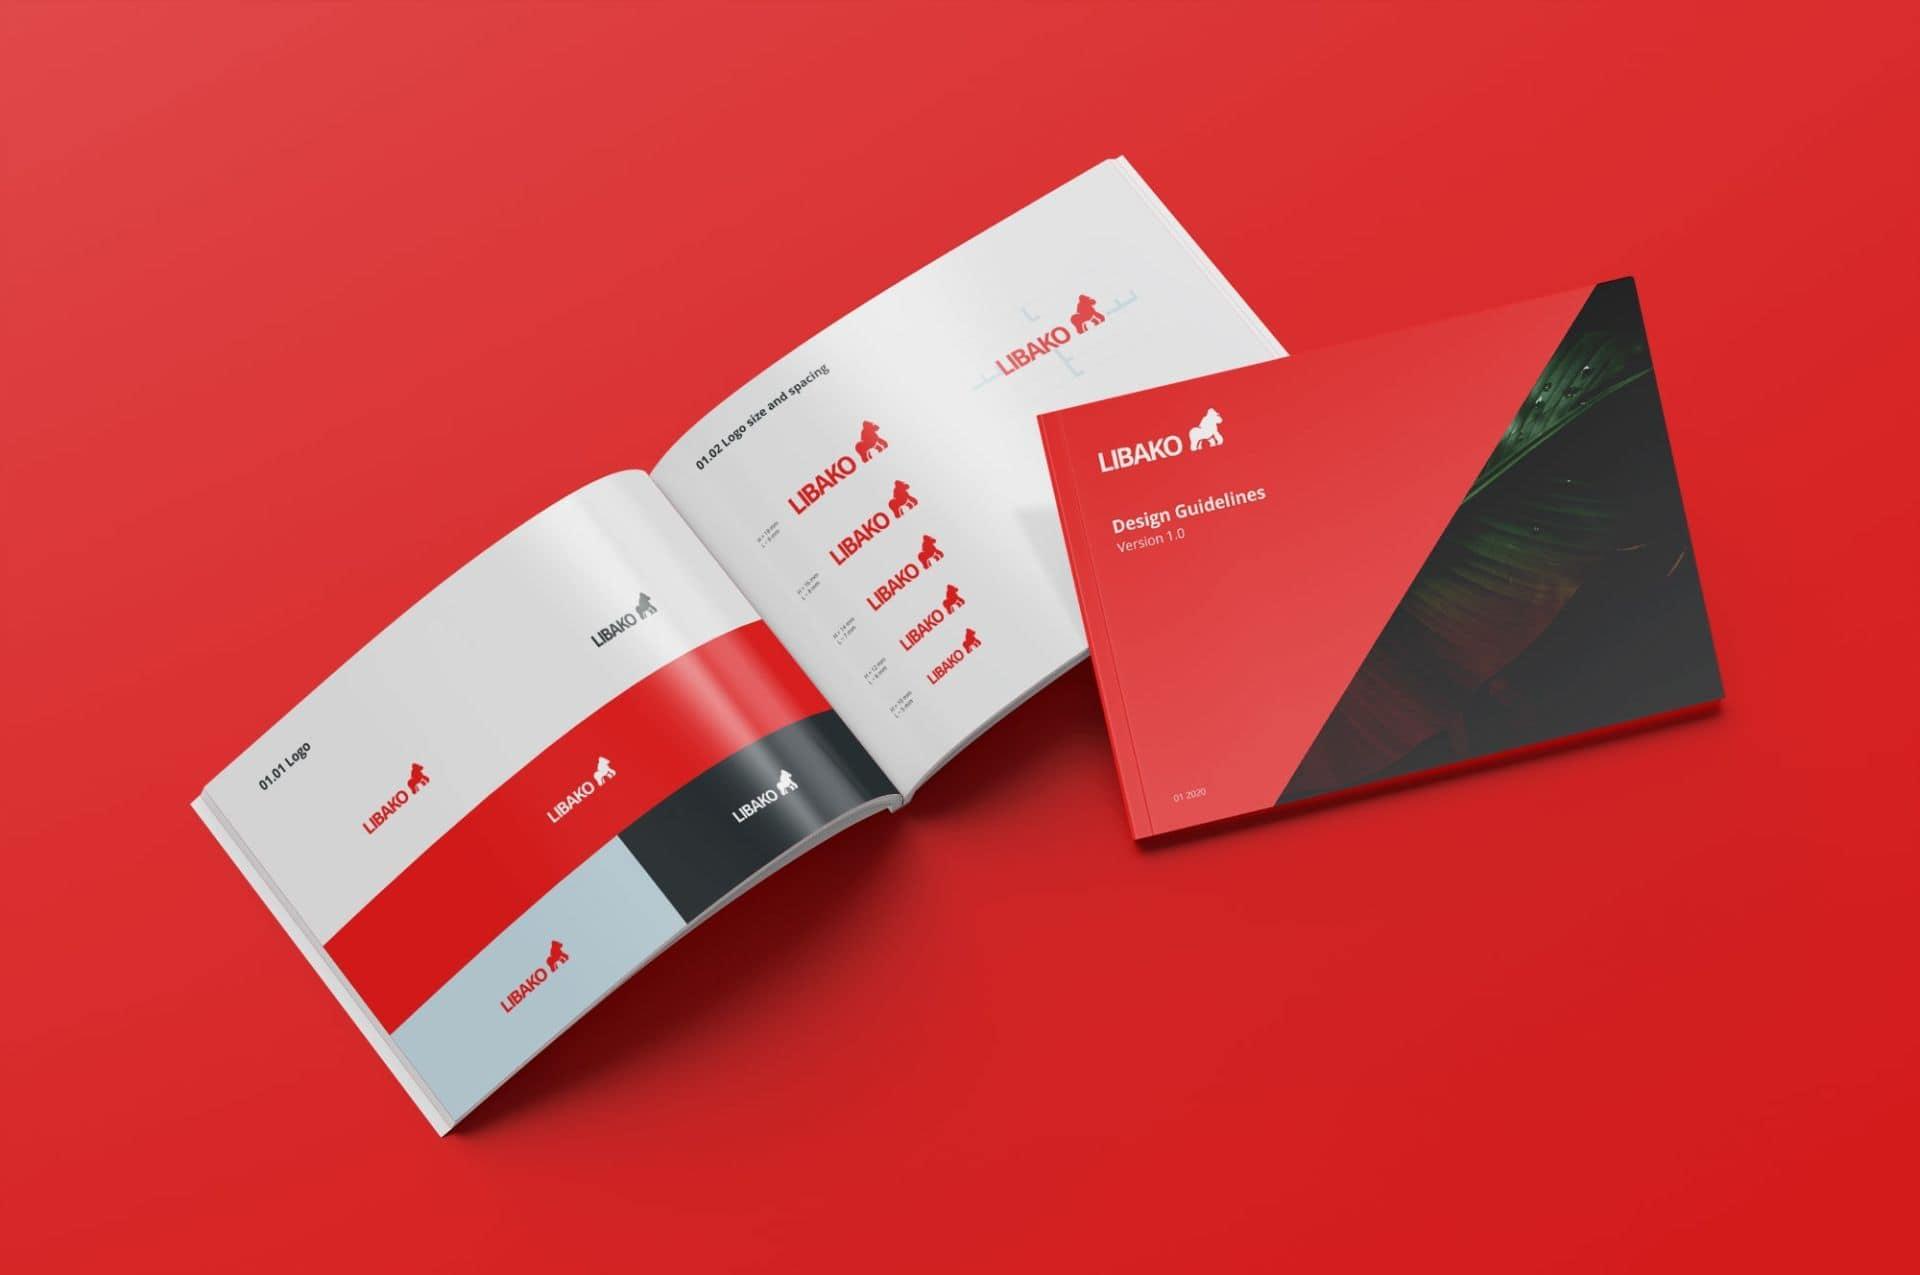 LIBAKO_Design_Guide_001